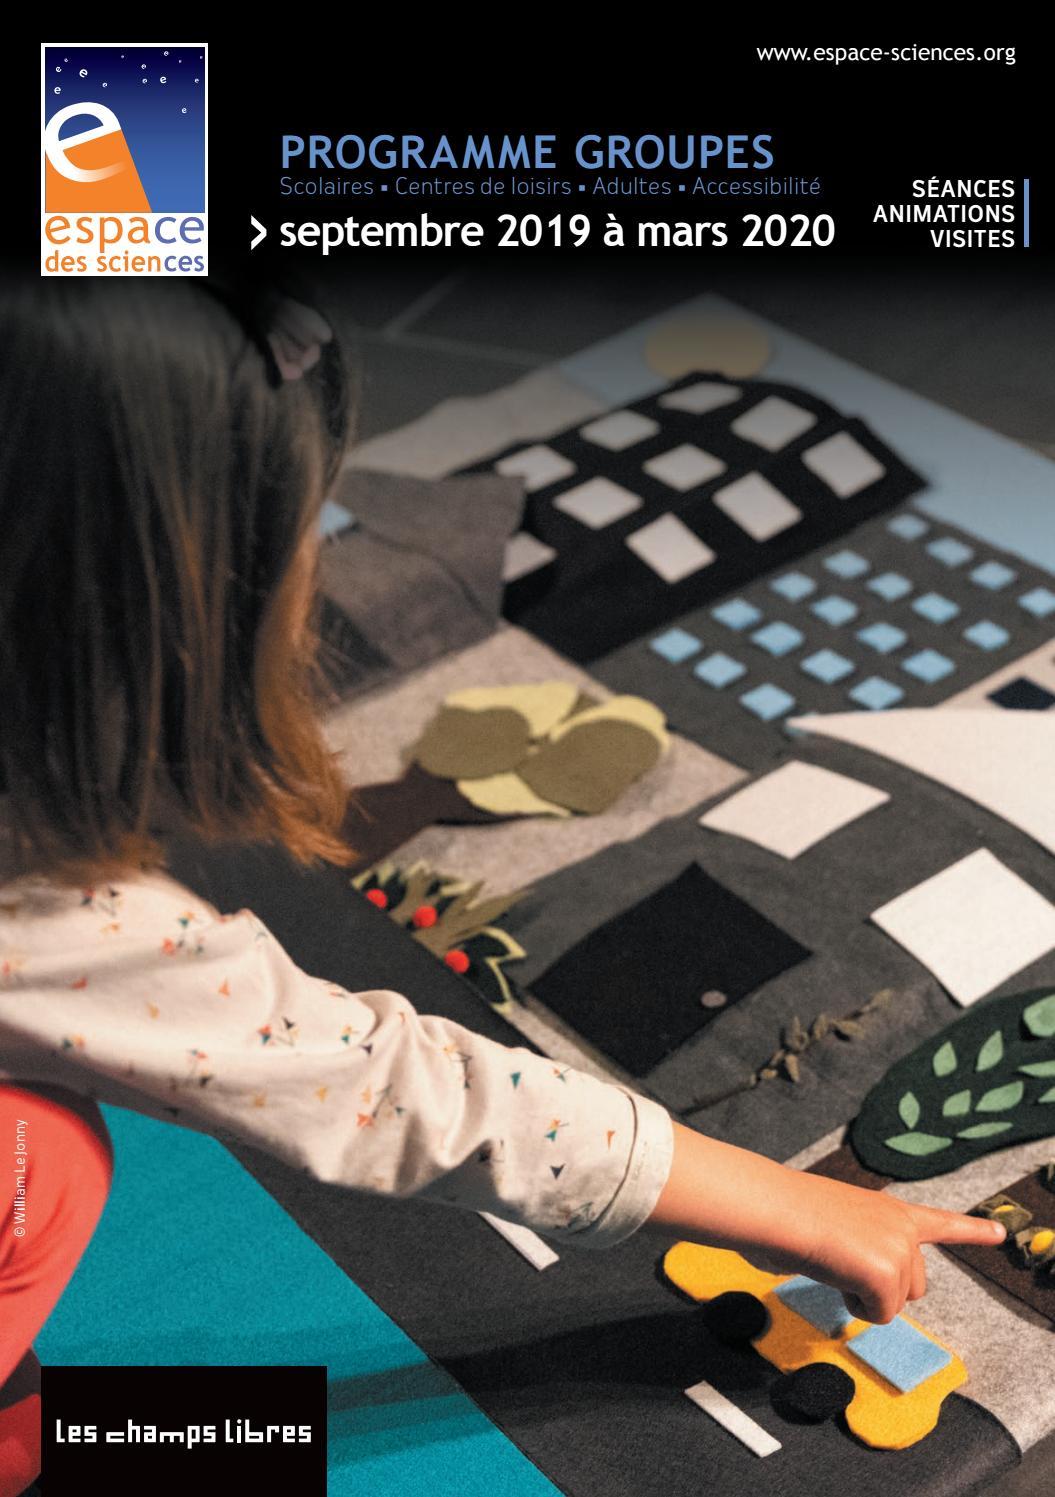 Graines Et Plantes Calendrier Lunaire Mars 2020.Accueil Groupes Sept 2019 Mars 2020 By Espace Des